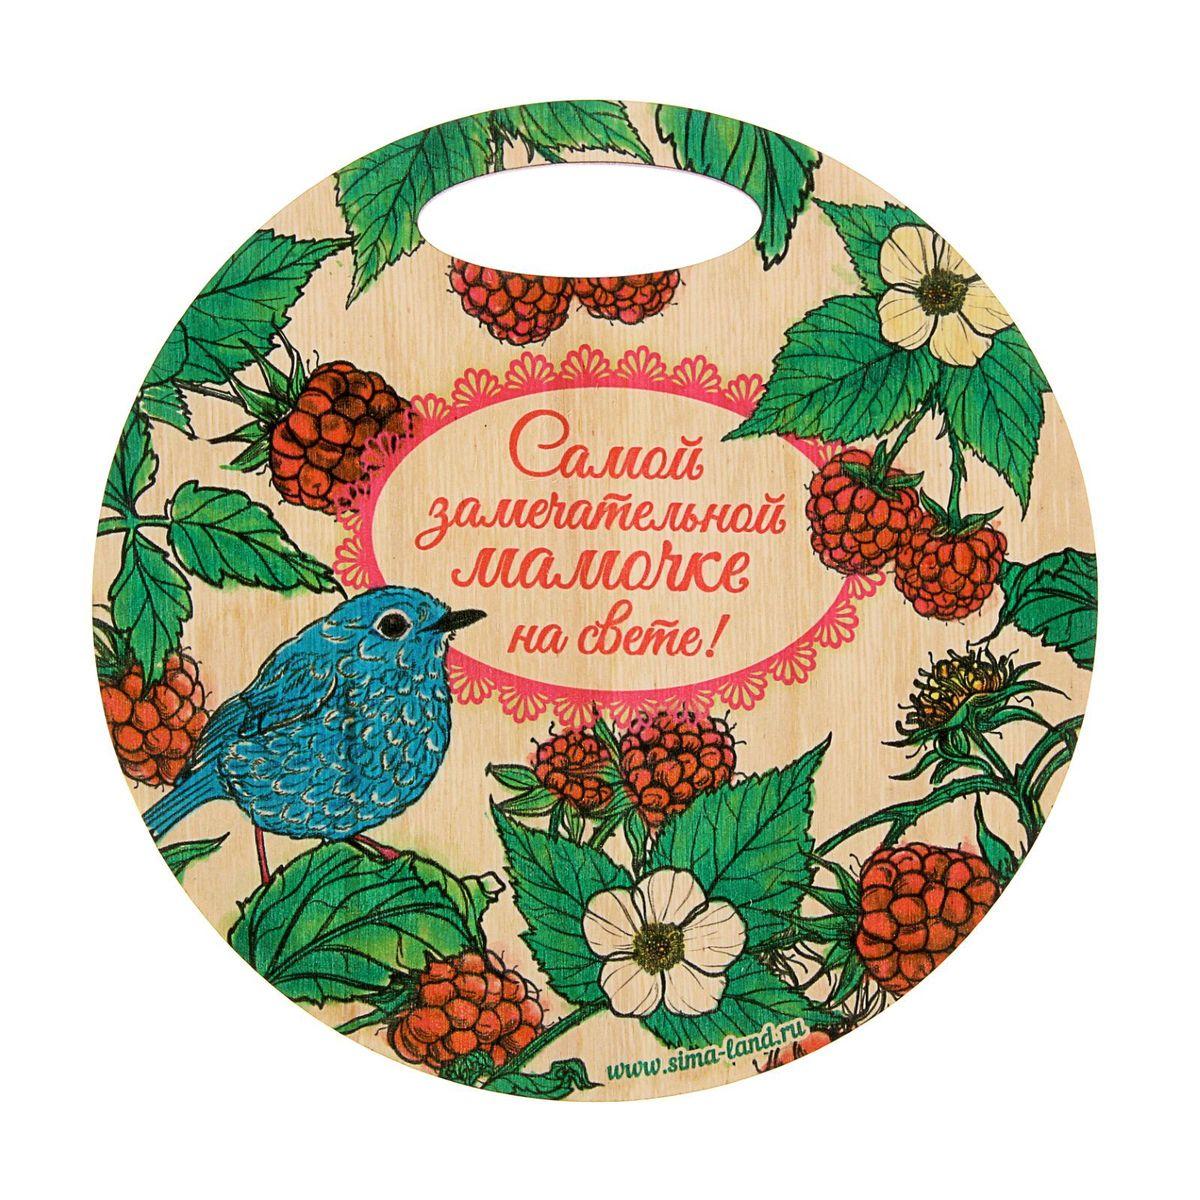 Доска разделочная Sima-land Мамочке, диаметр 24 см1268267Разделочная доска Sima-land Мамочке - это один из самых необходимых предметов на кухне, без нее трудно обойтись при приготовлении пищи. Но кроме своей необходимости, она может приносить и эстетическое удовольствие, украшая собой интерьер кухни. Доска из дерева - приятный и функциональный подарок для тех, кто любит готовить.